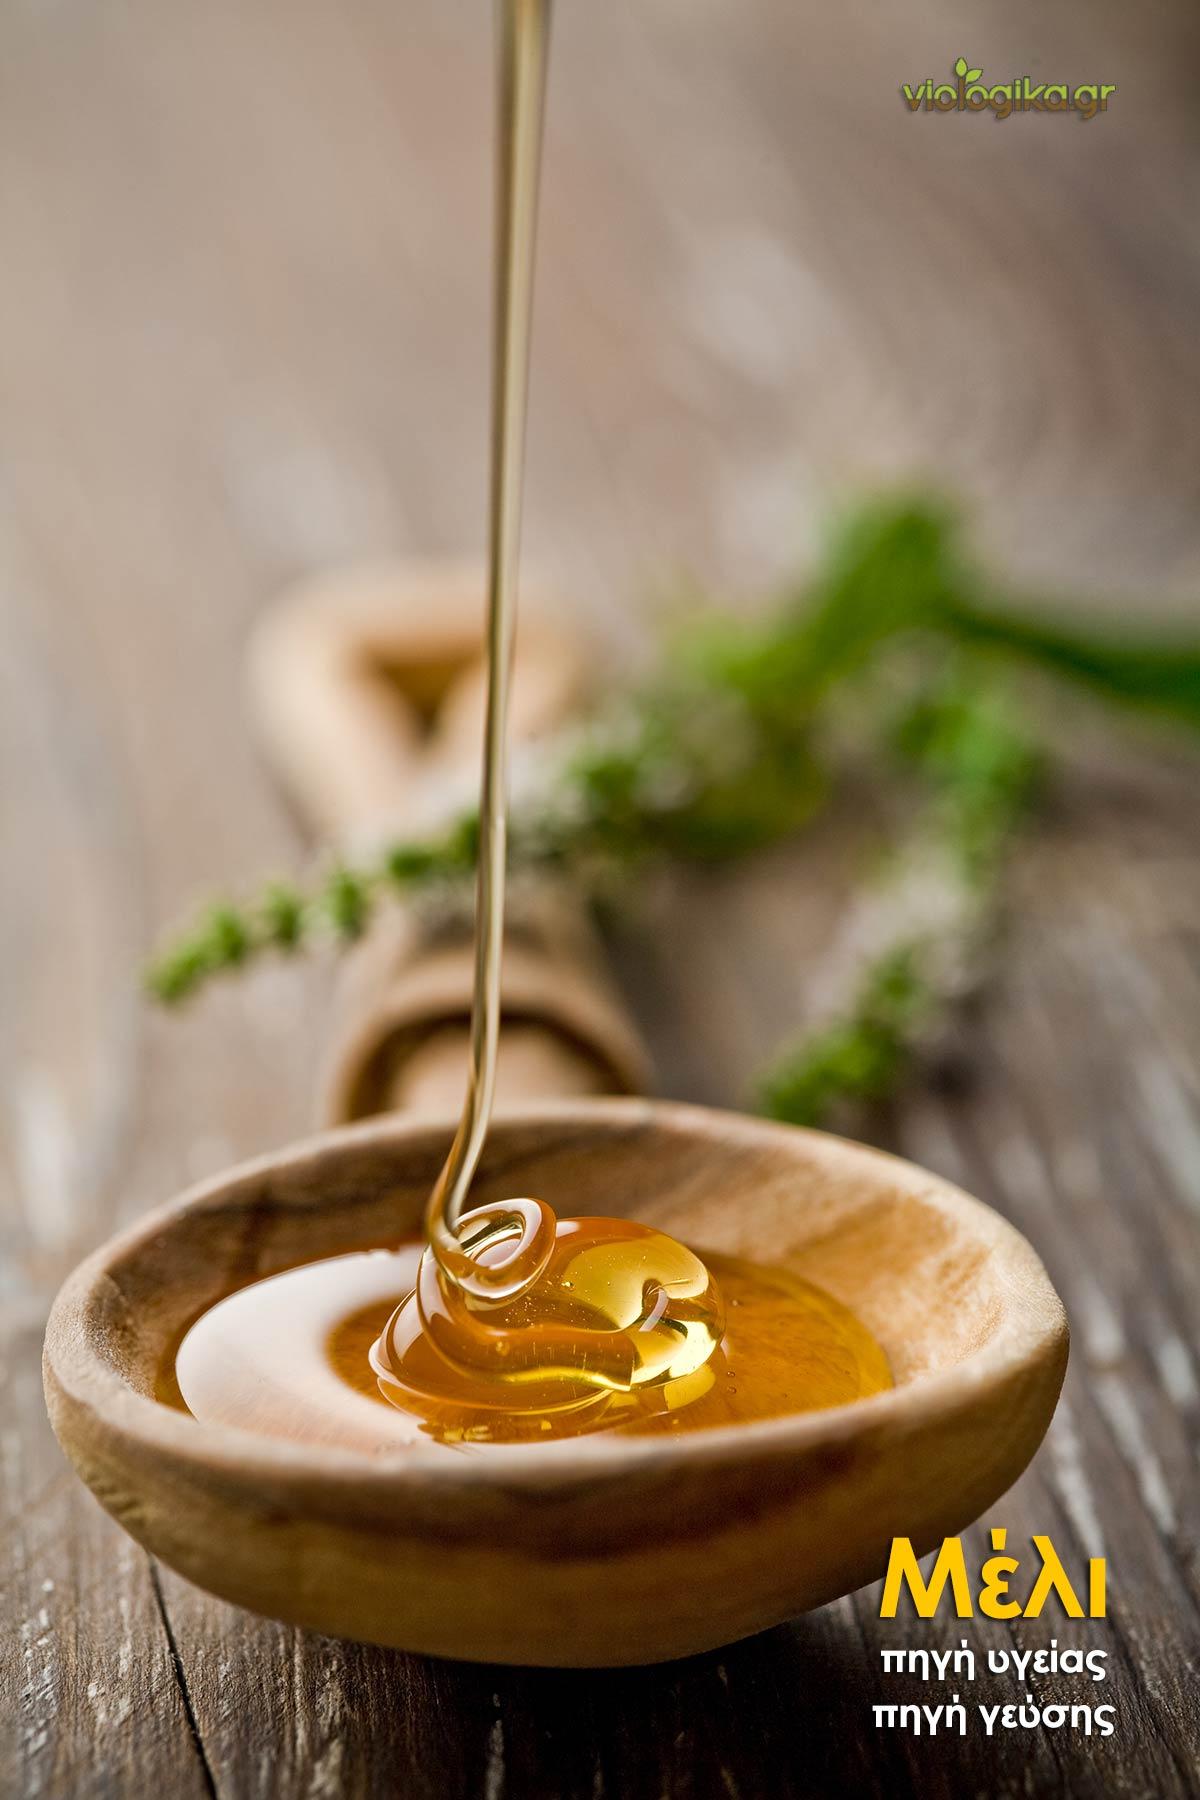 Βιολογικό μέλι